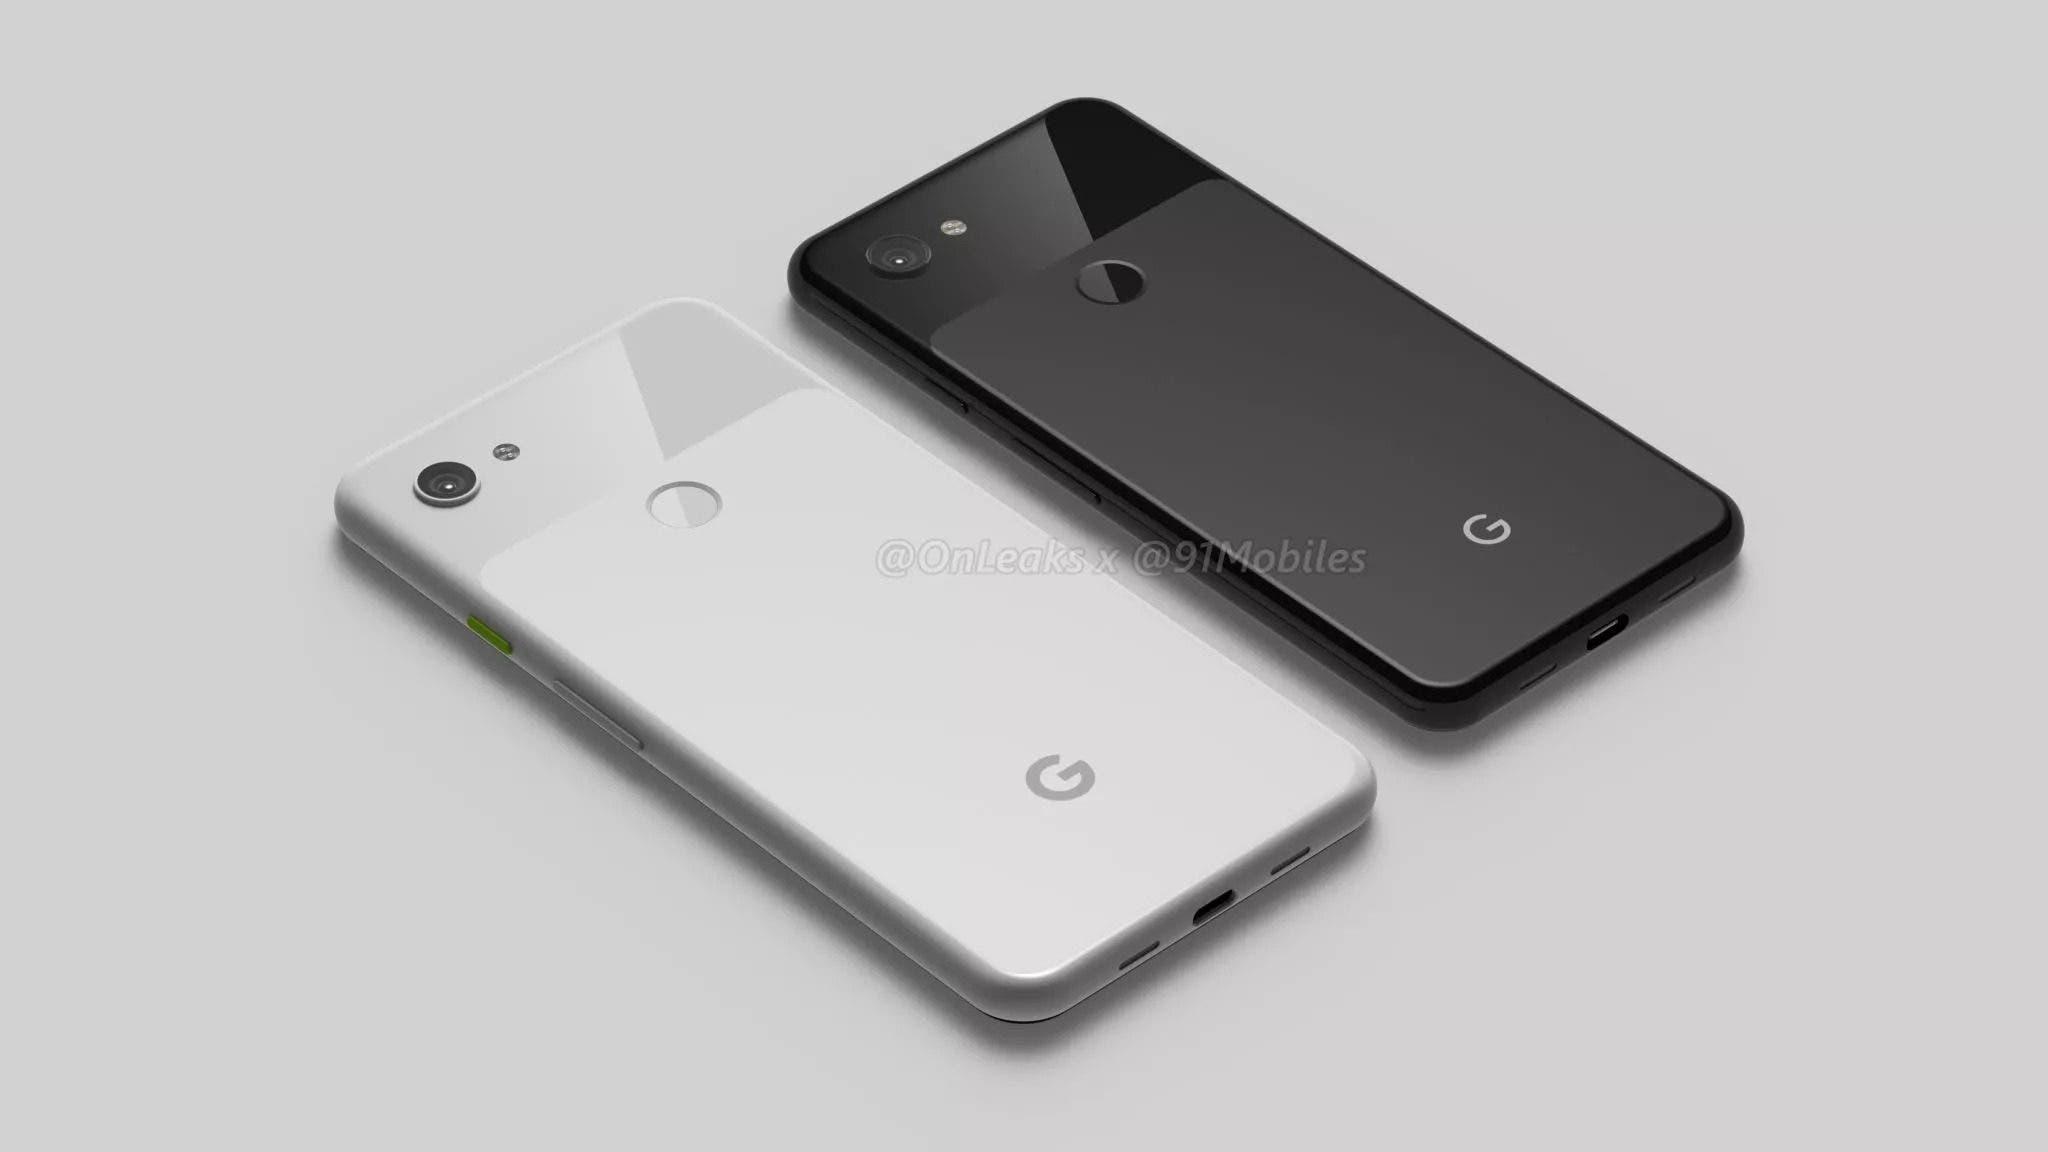 Filtrados los precios de los Google Pixel 3a y 3a XL, ¿merecerán la pena?